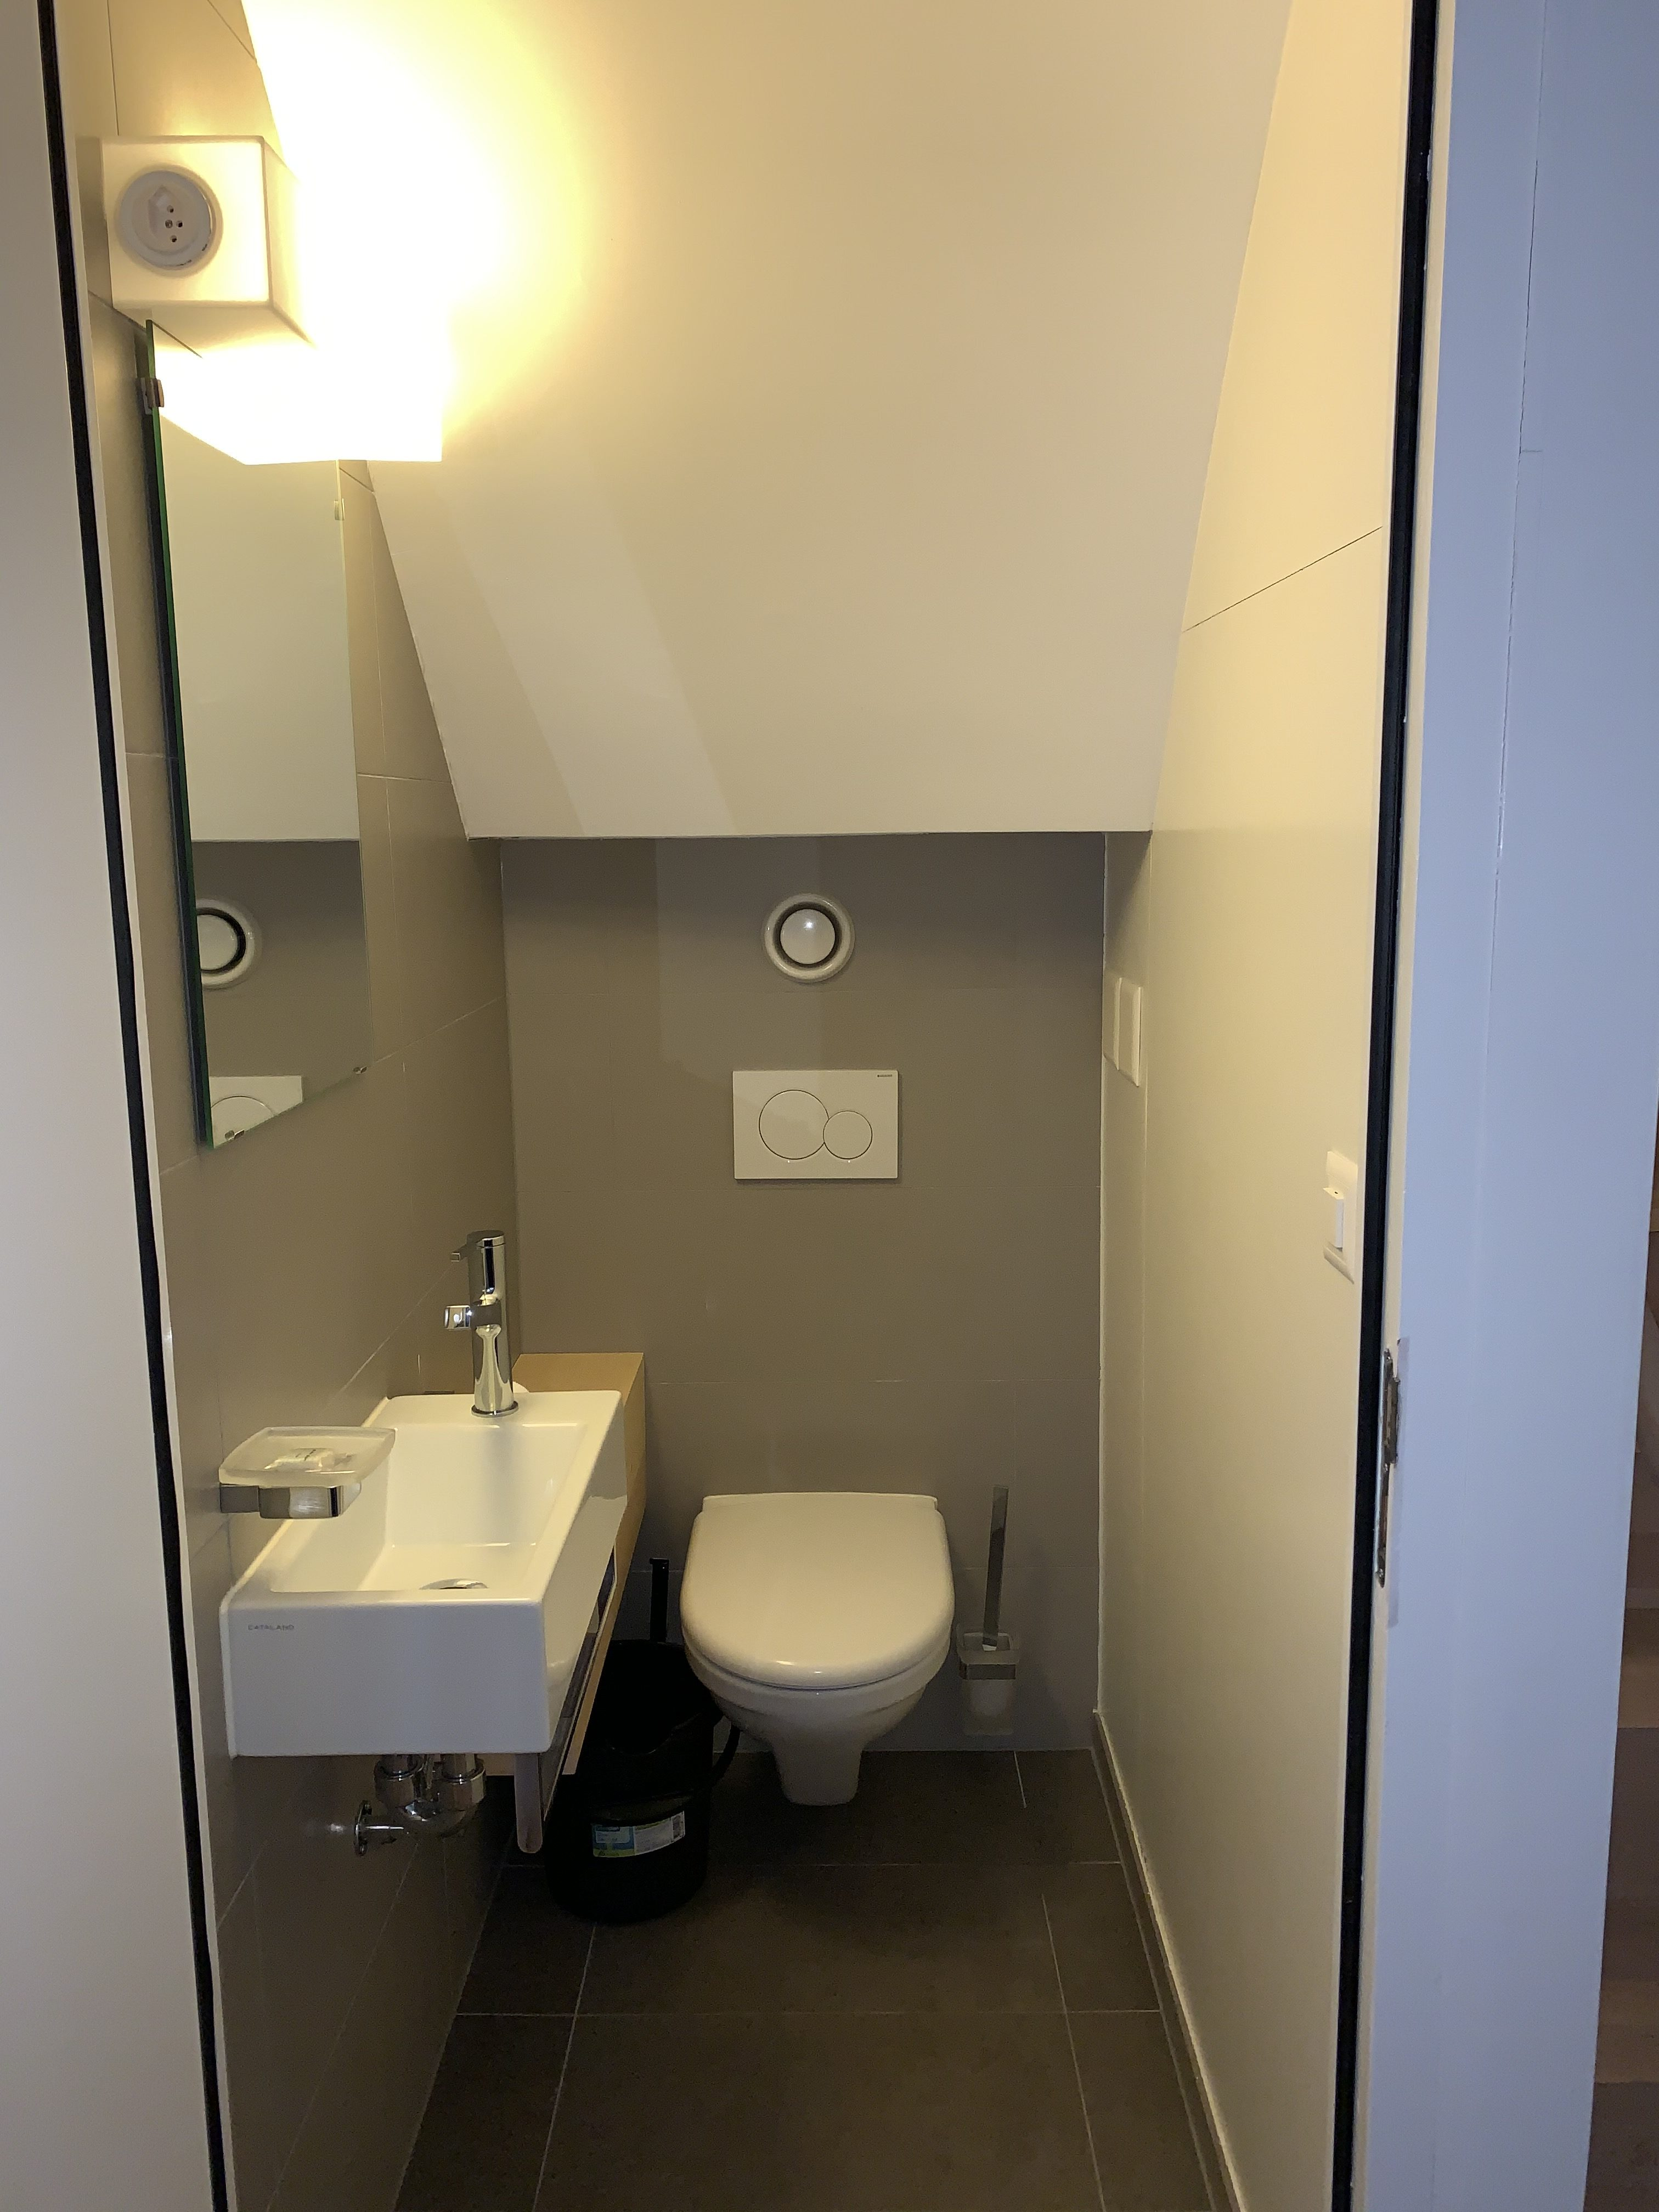 Ruelle du Flon 12, Lausanne - 2,5 pièces en duplex 9